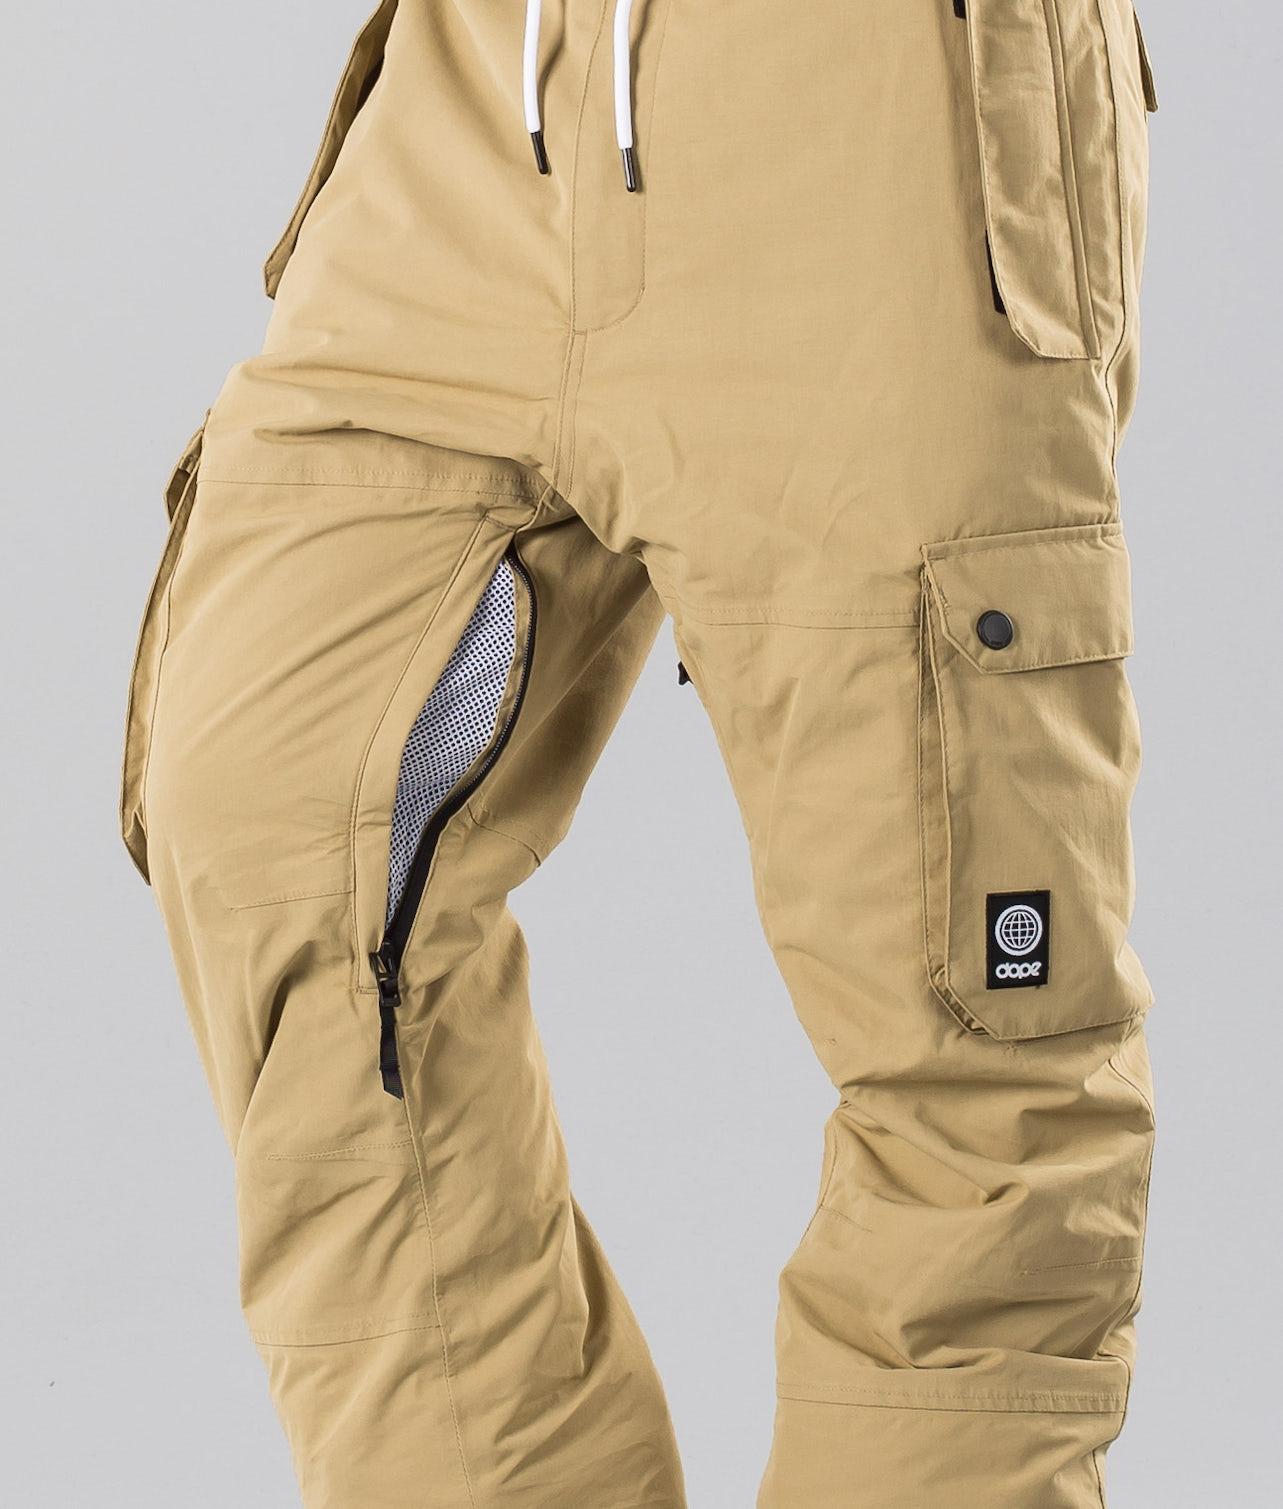 Iconic 19   Achète des Pantalon de Ski de chez Dope sur Ridestore.fr   Bien-sûr, les frais de ports sont offerts et les retours gratuits pendant 30 jours !